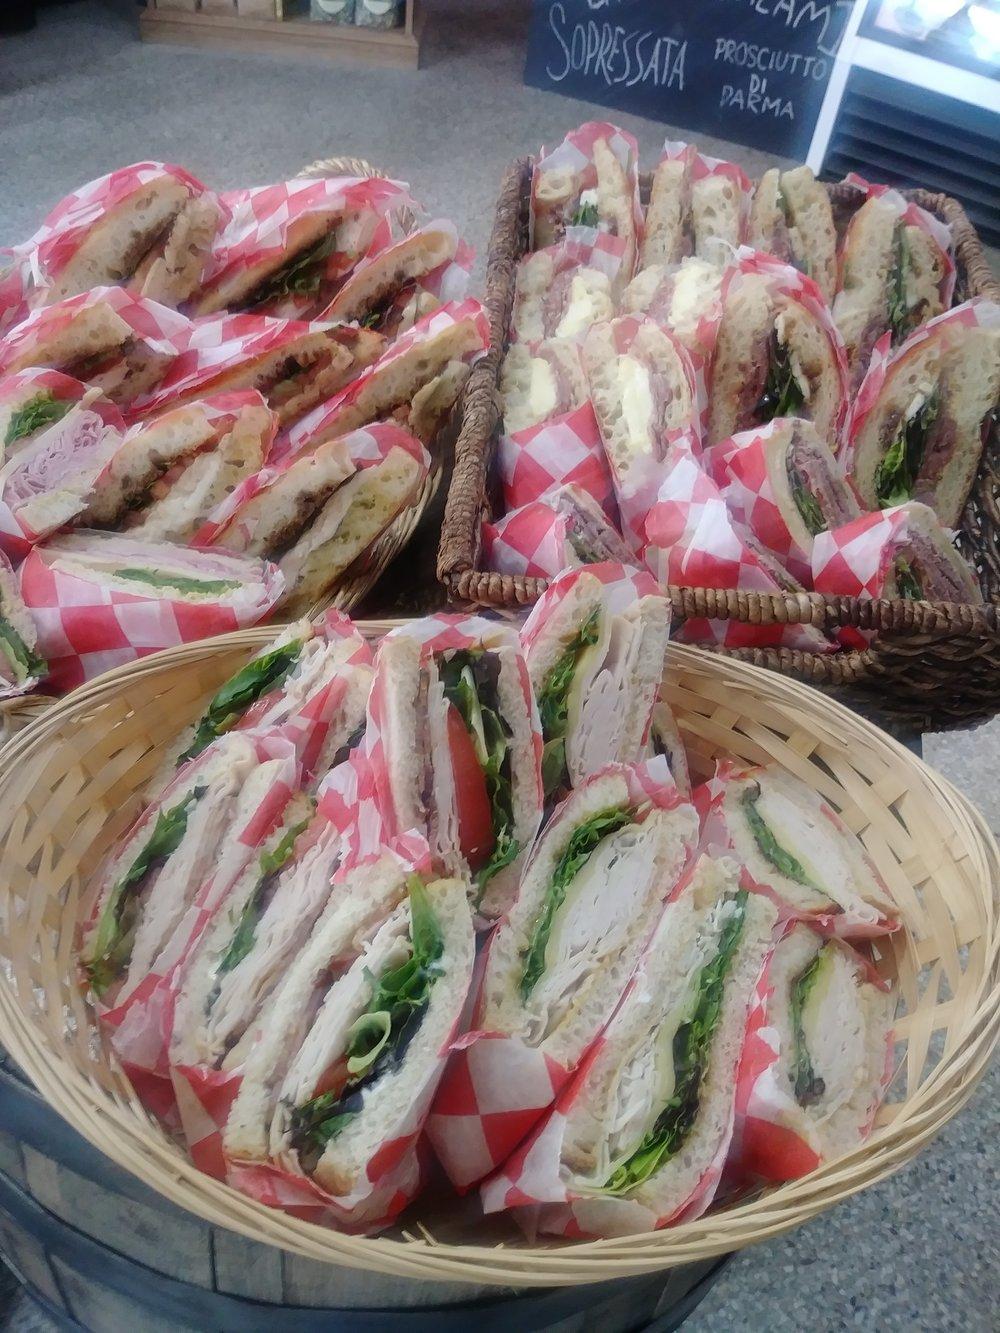 Sandwich-basket